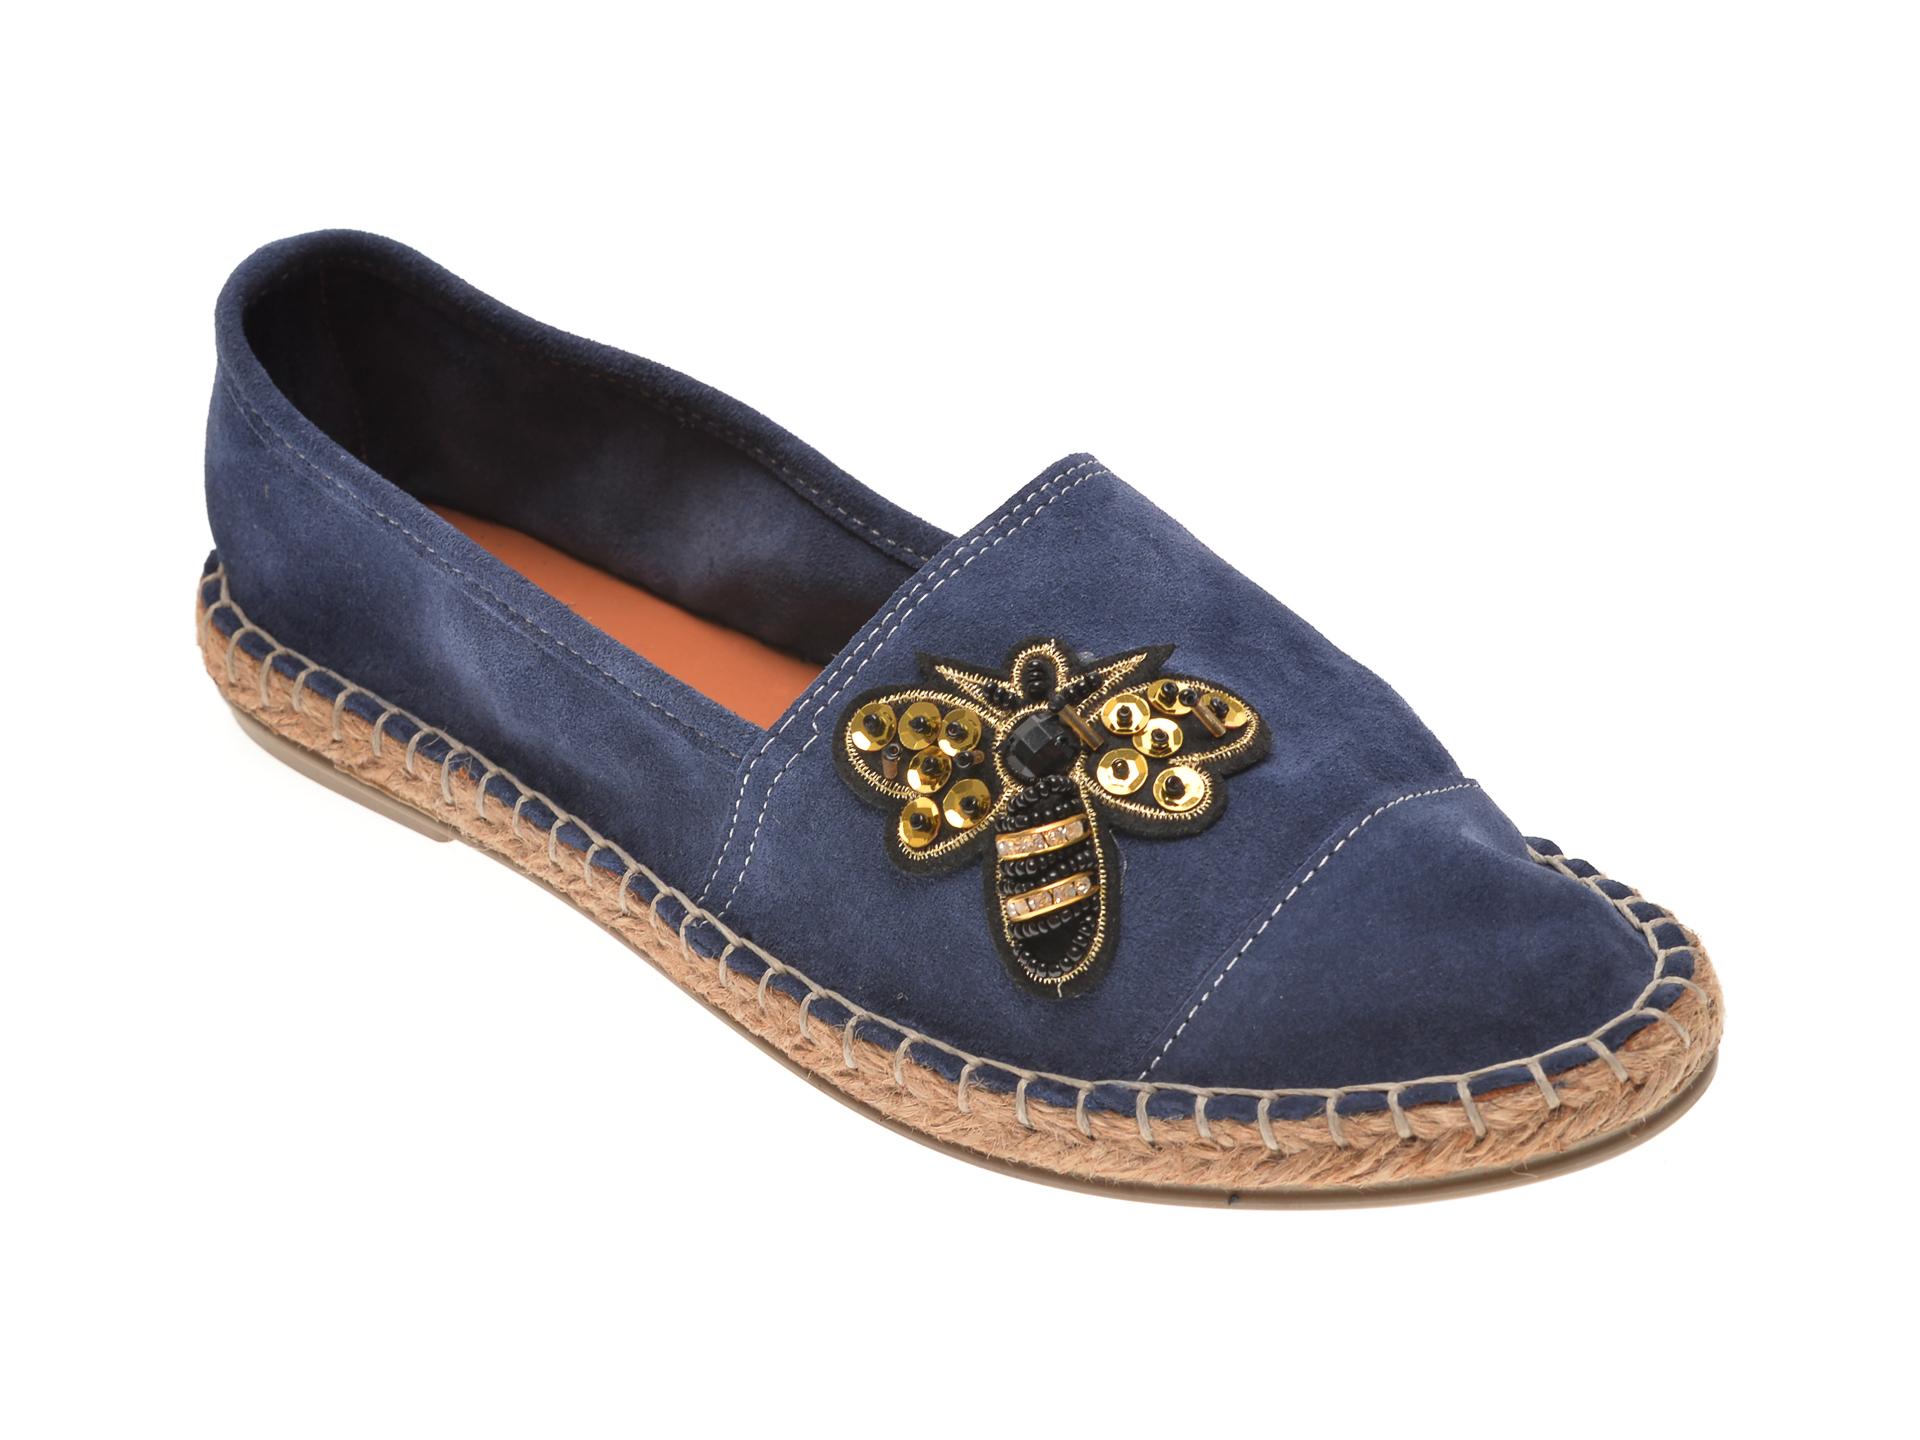 Pantofi MESSIMODA albastri, 18Y1167, din piele intoarsa